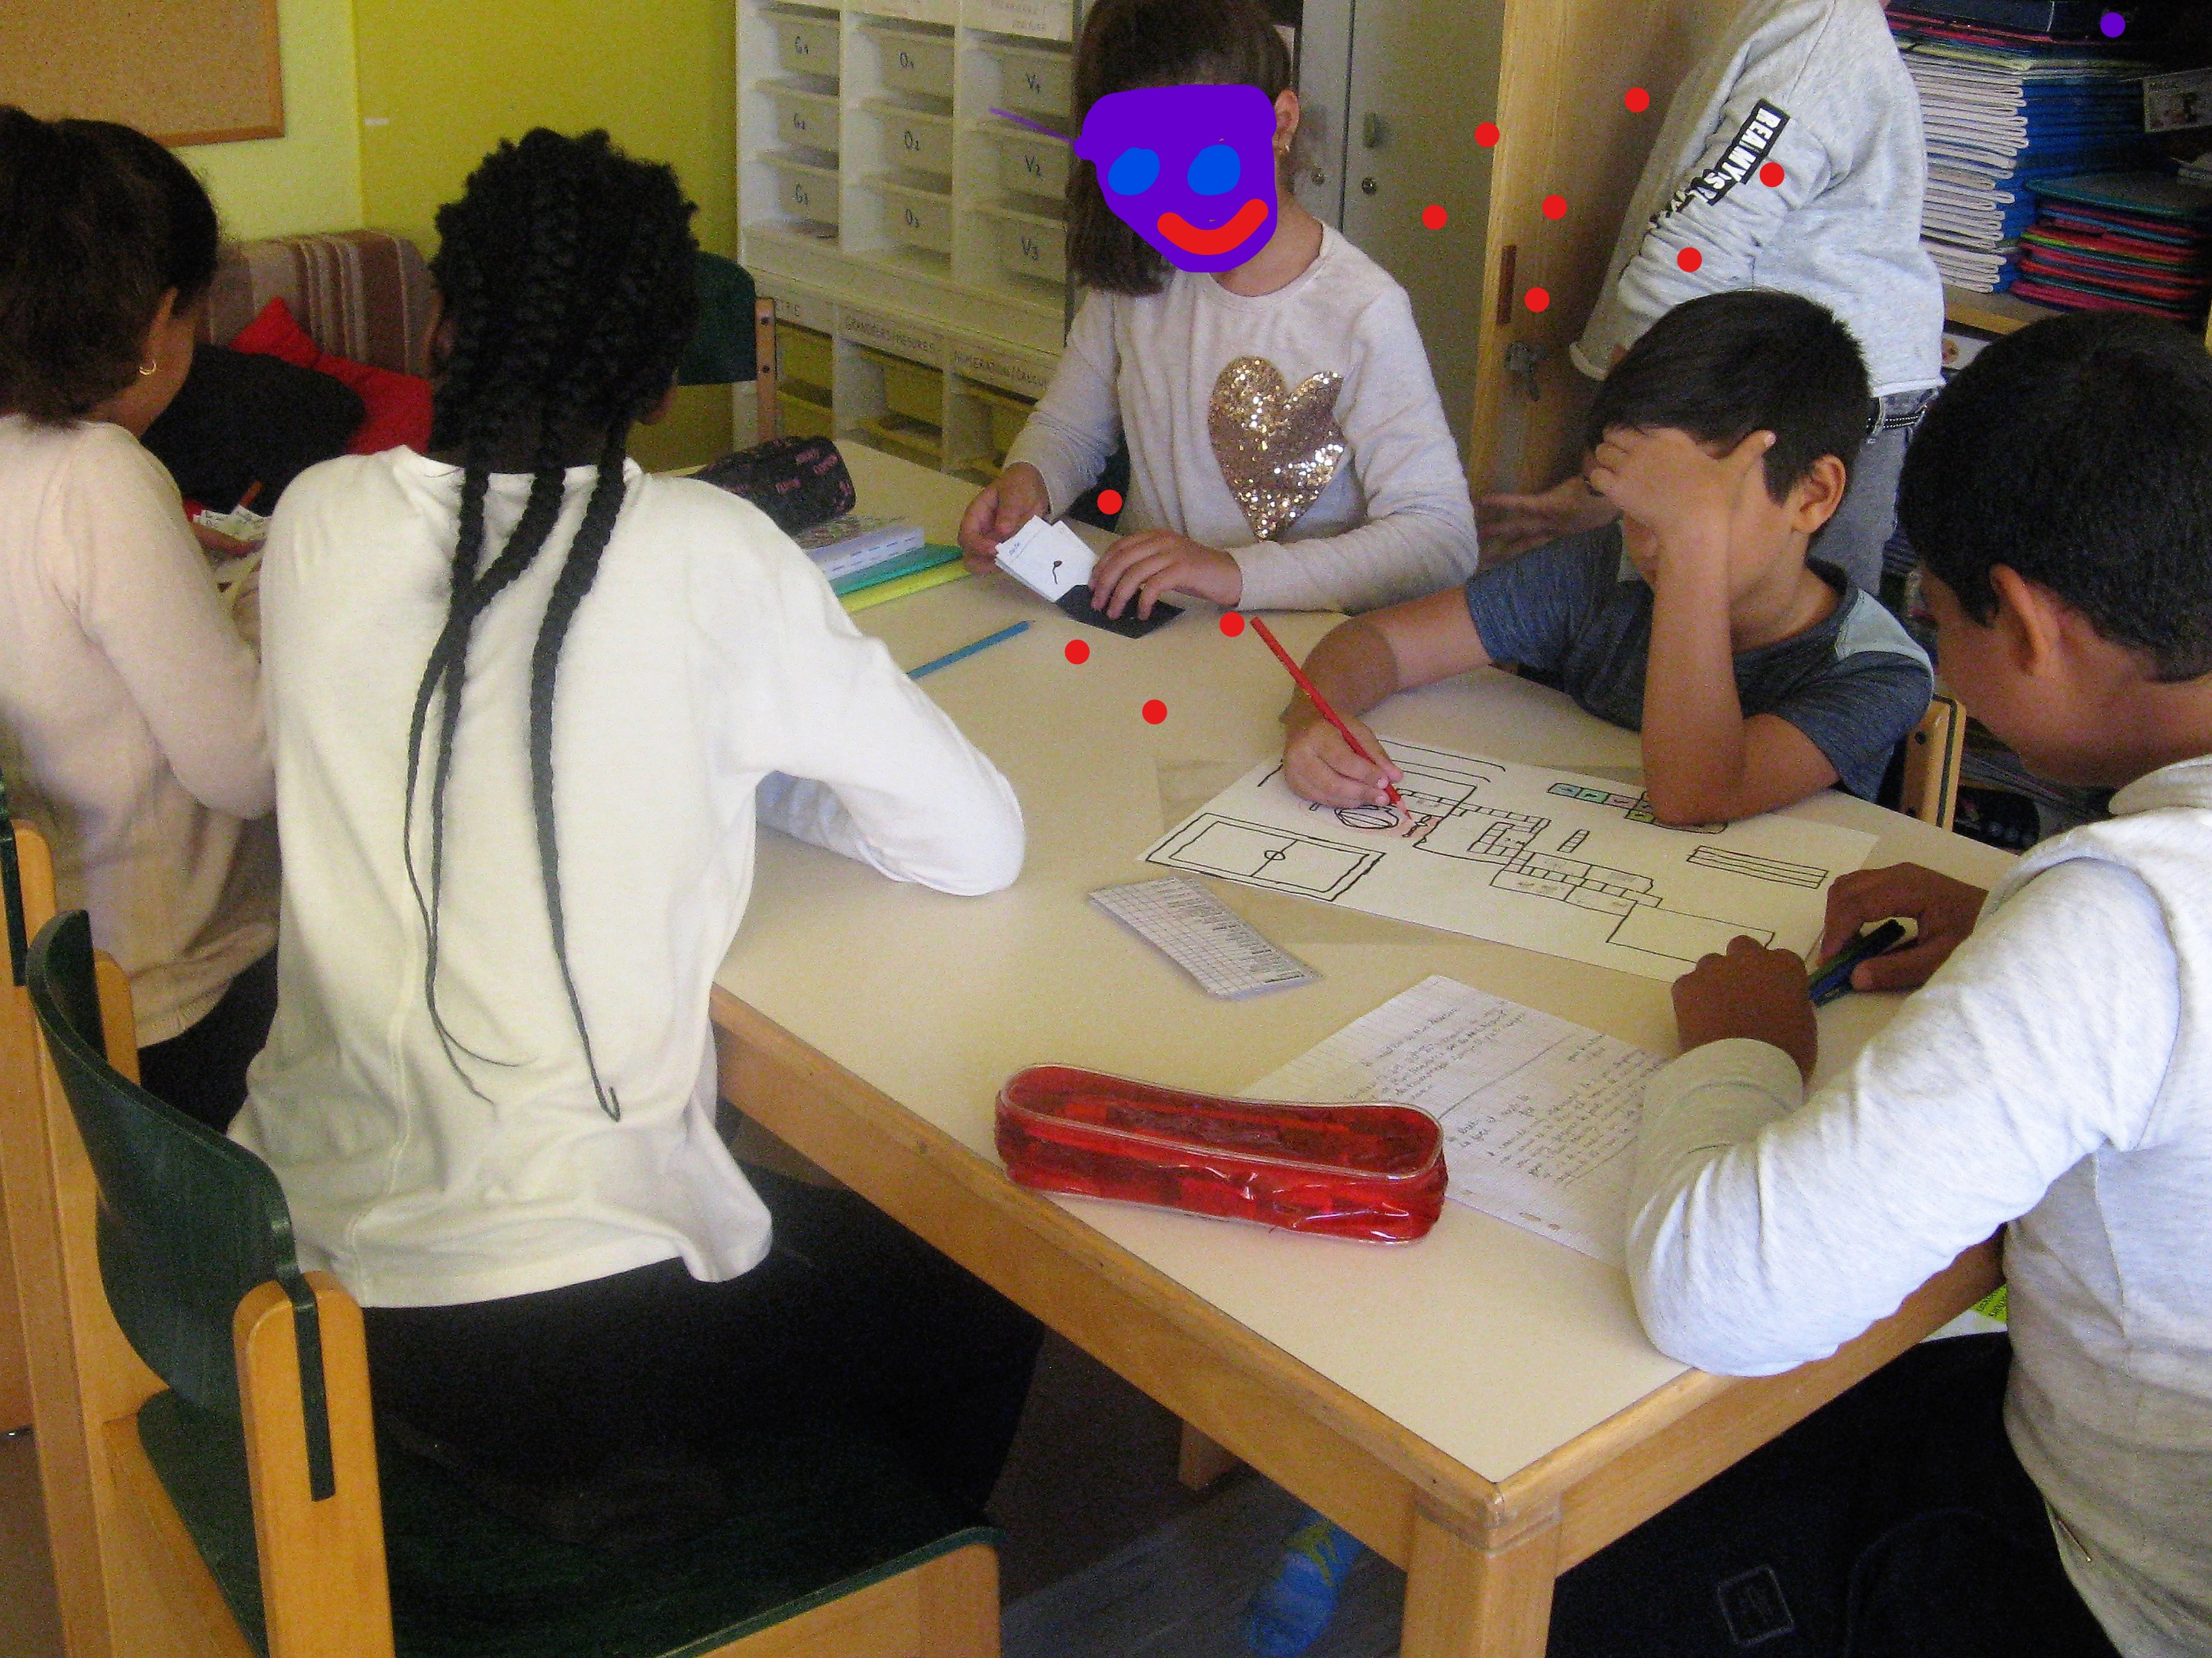 nous vons l'habitude de travailler en petit groupe en classe